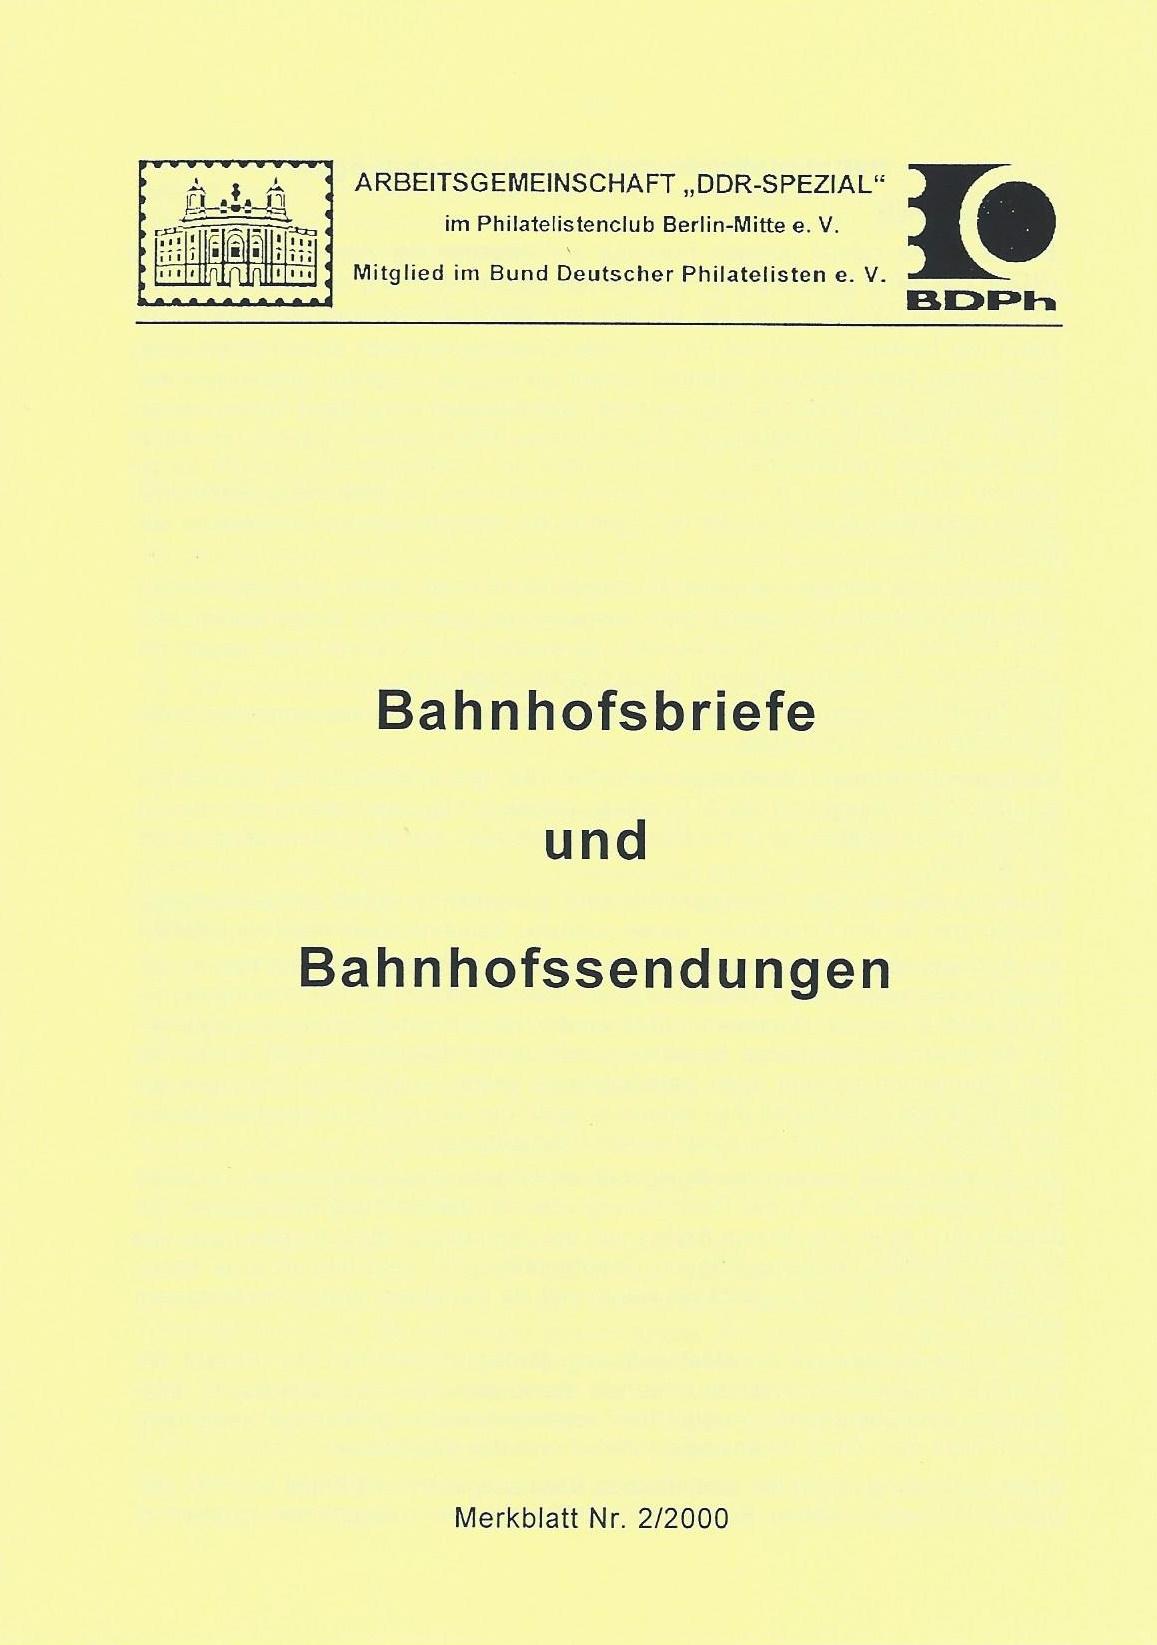 DDR Philatelie Literatur Bahnhofssendung Bahnhofsbrief